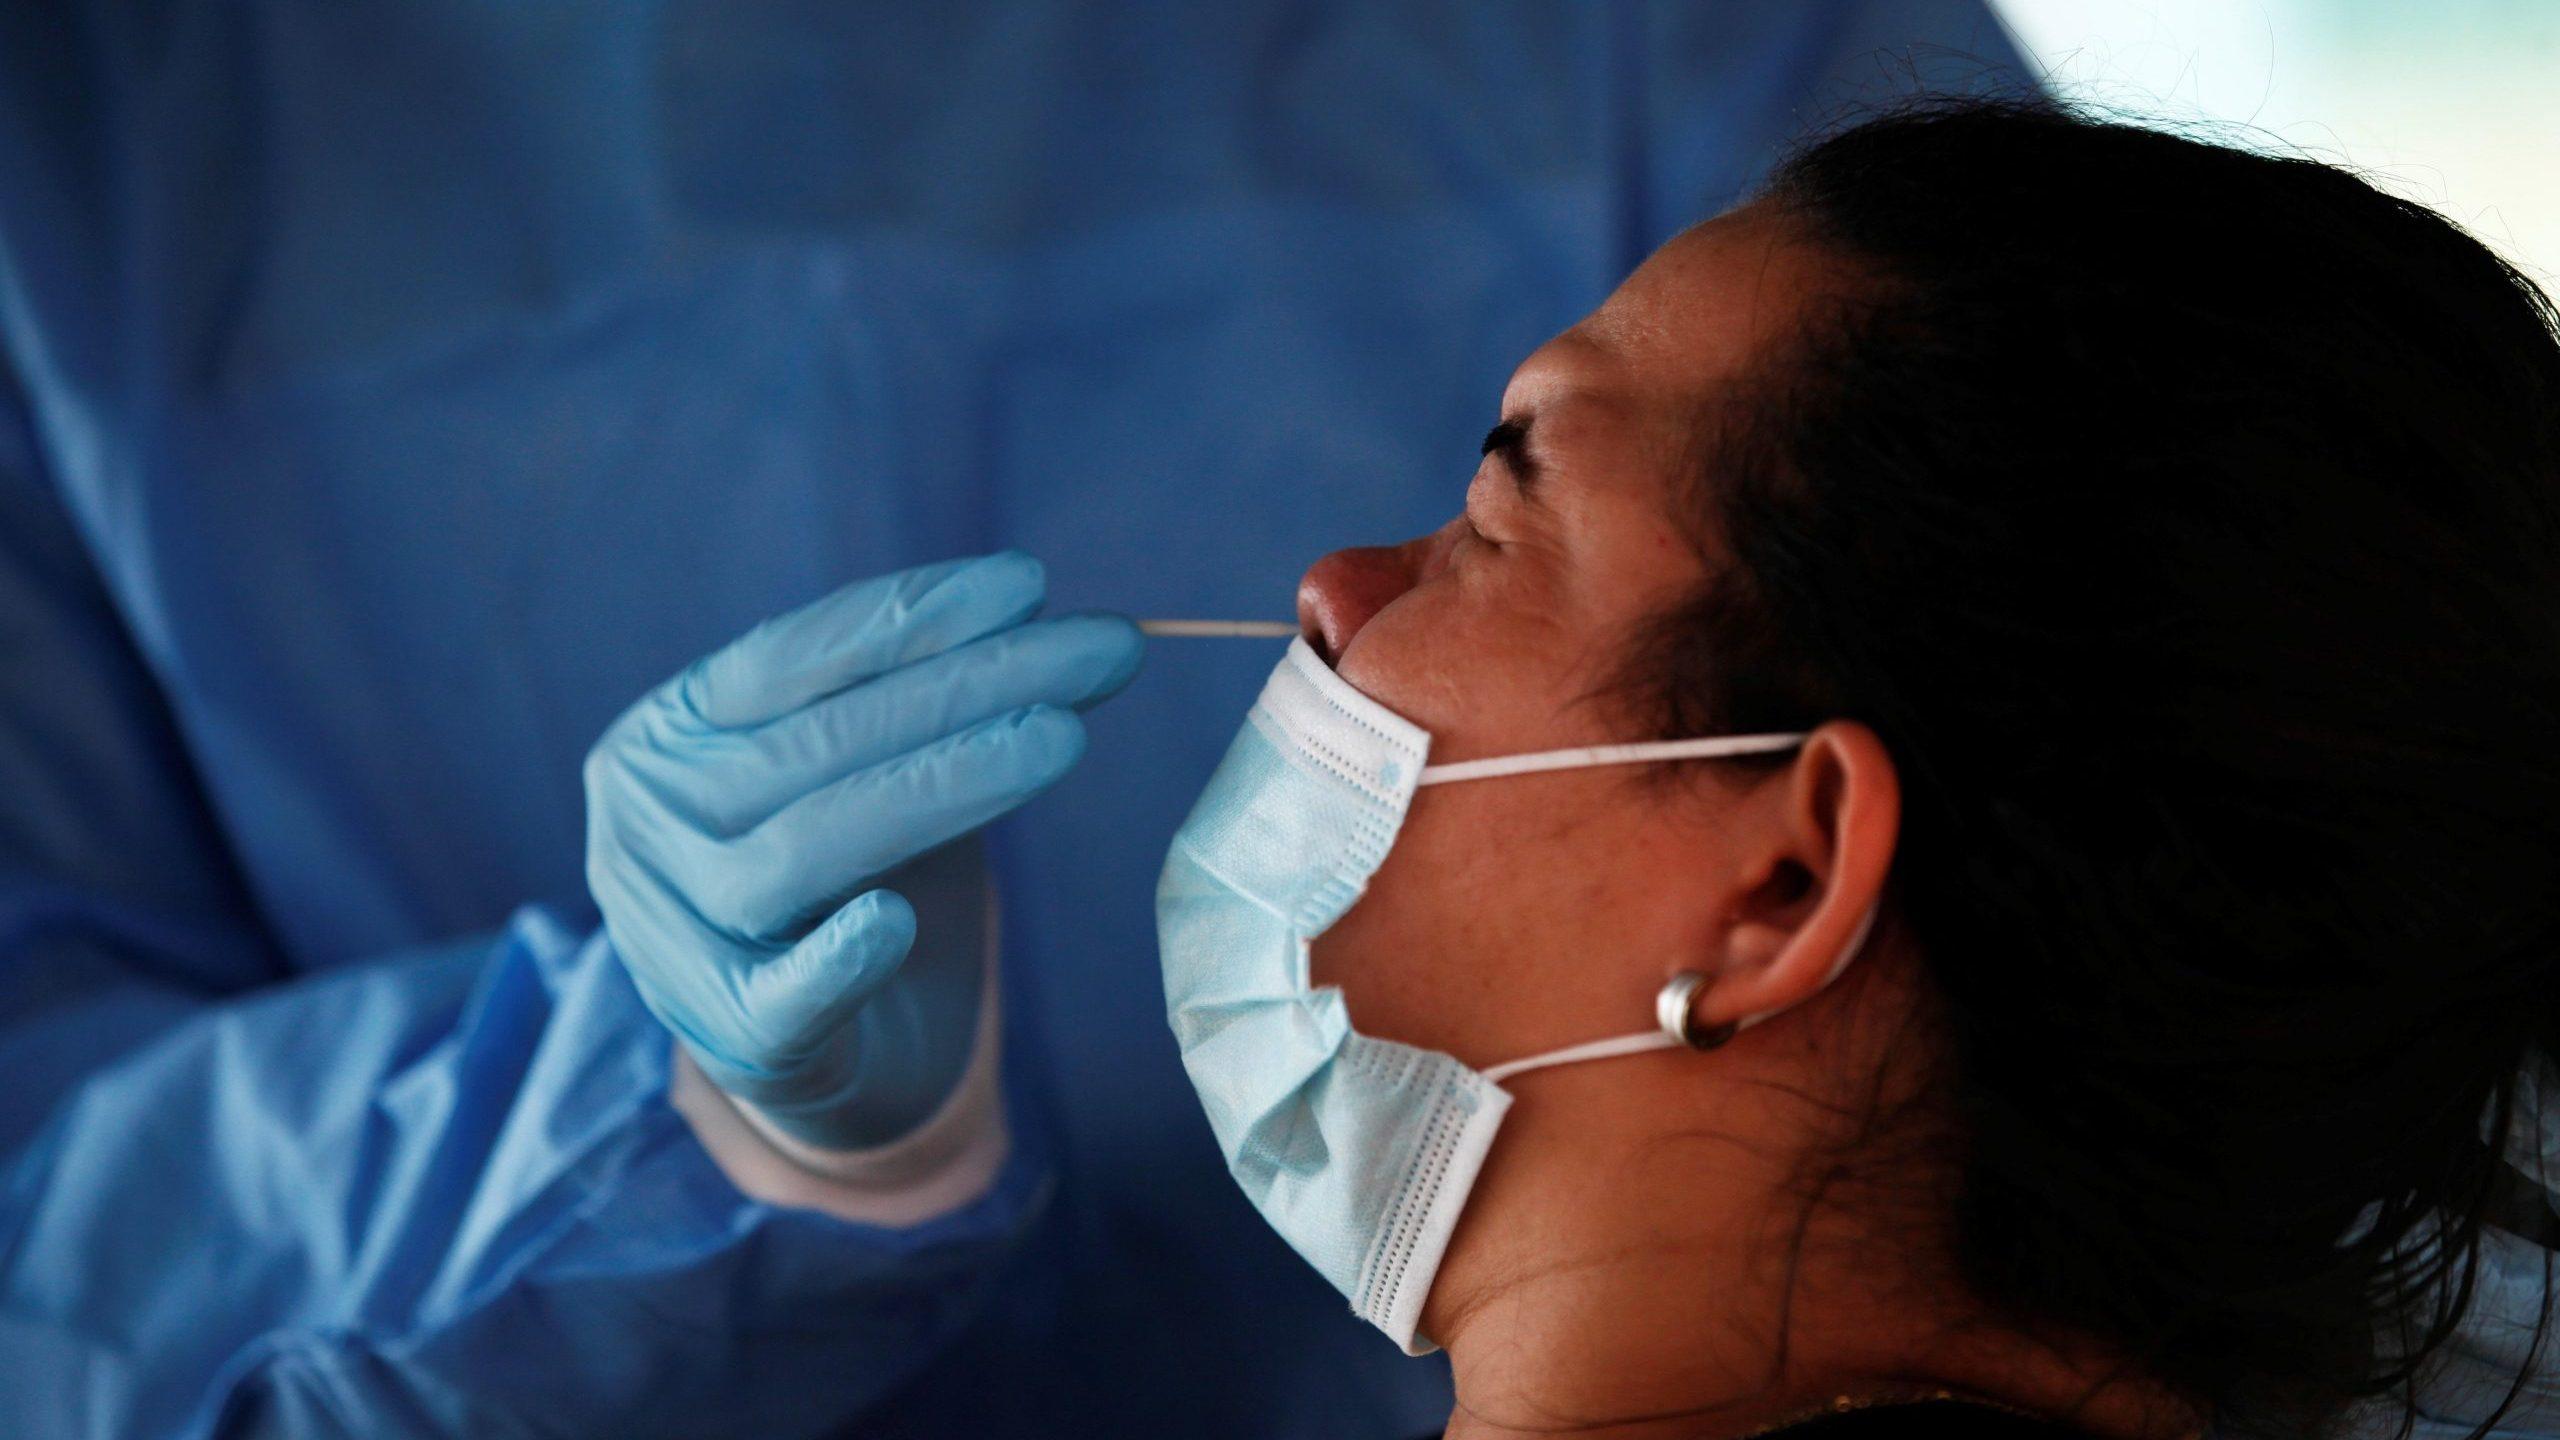 Más de 50% de pacientes COVID pueden tener síntomas tras recibir alta: estudio